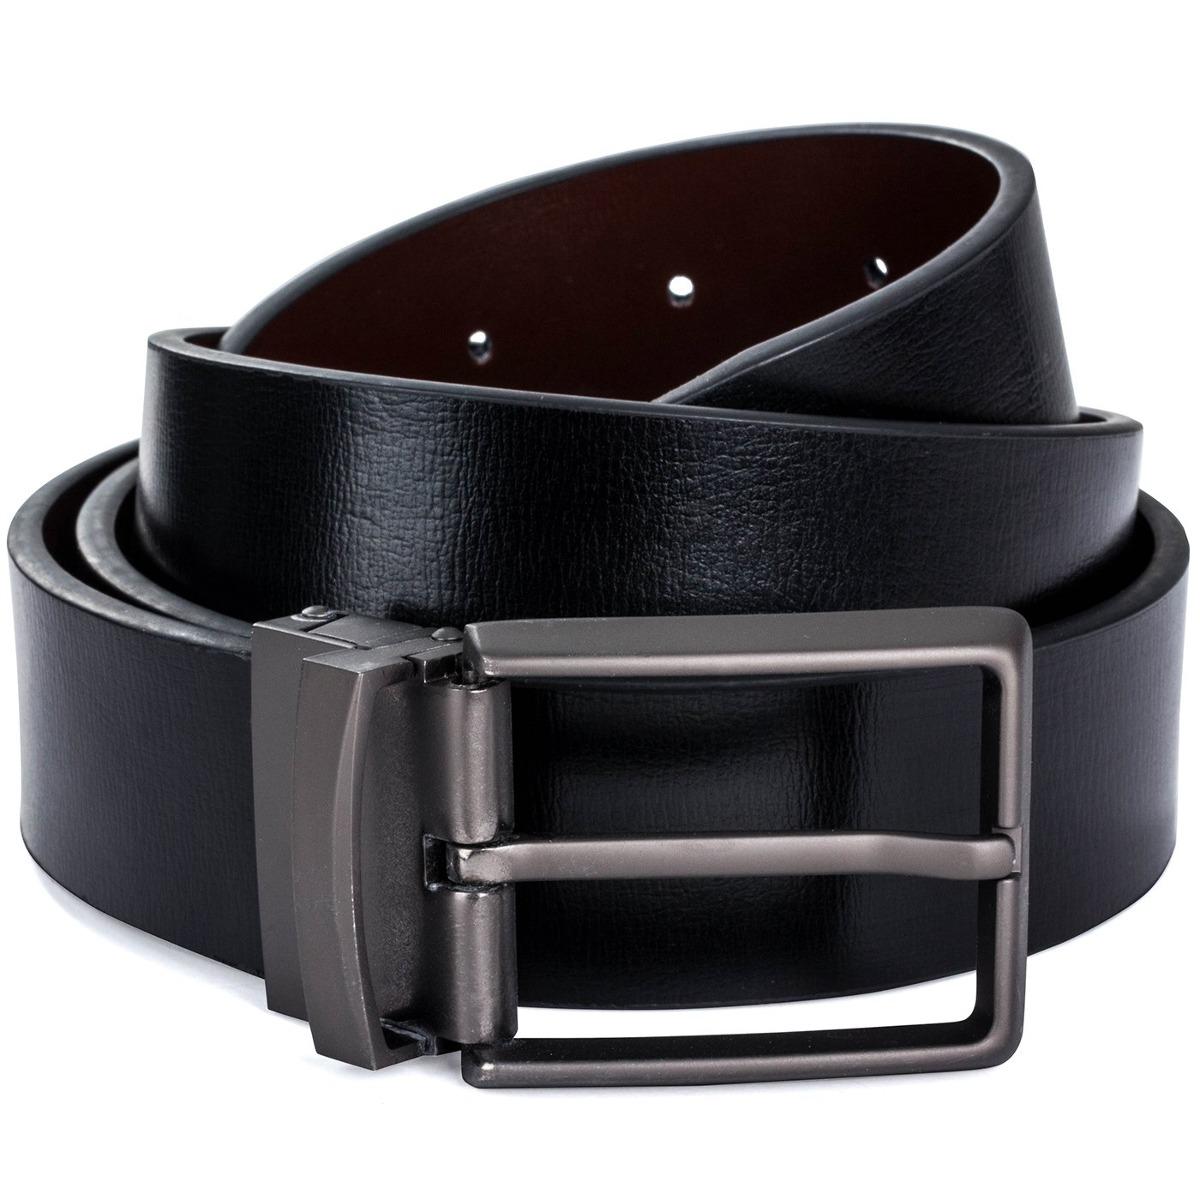 be595942831 cinturón de cuero reversible para hombre marrón   negro c. Cargando zoom.